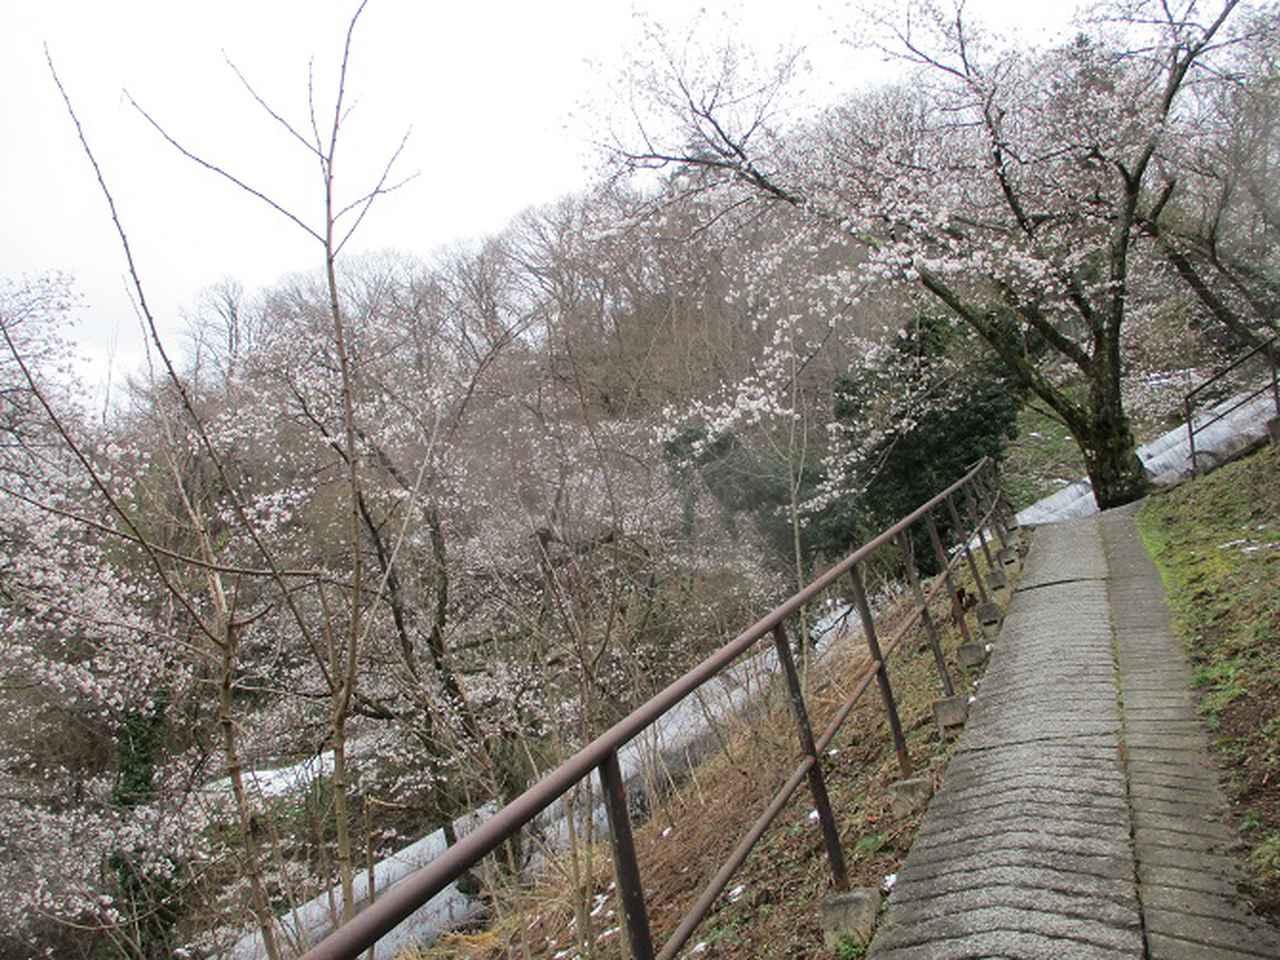 画像2: 来年春の企画の素材を探して 都留アルプス を歩いてみました!